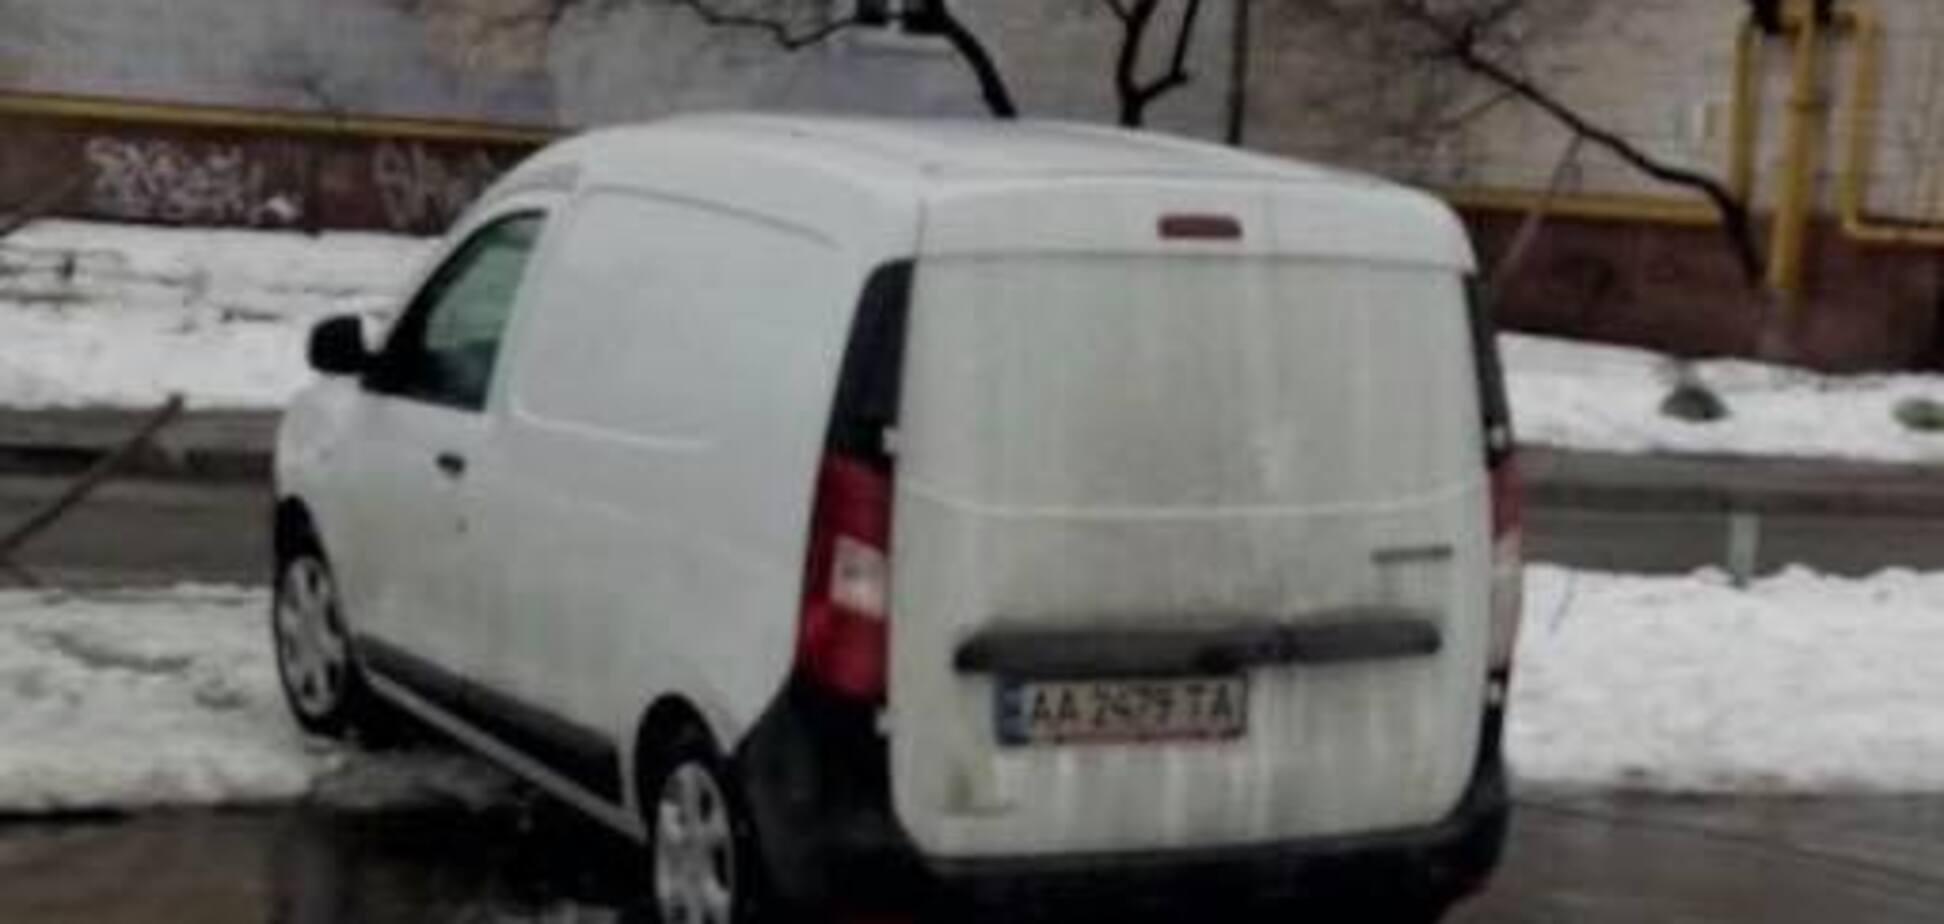 Киевляне спасли школьницу от похитителя: фото и приметы киднепера